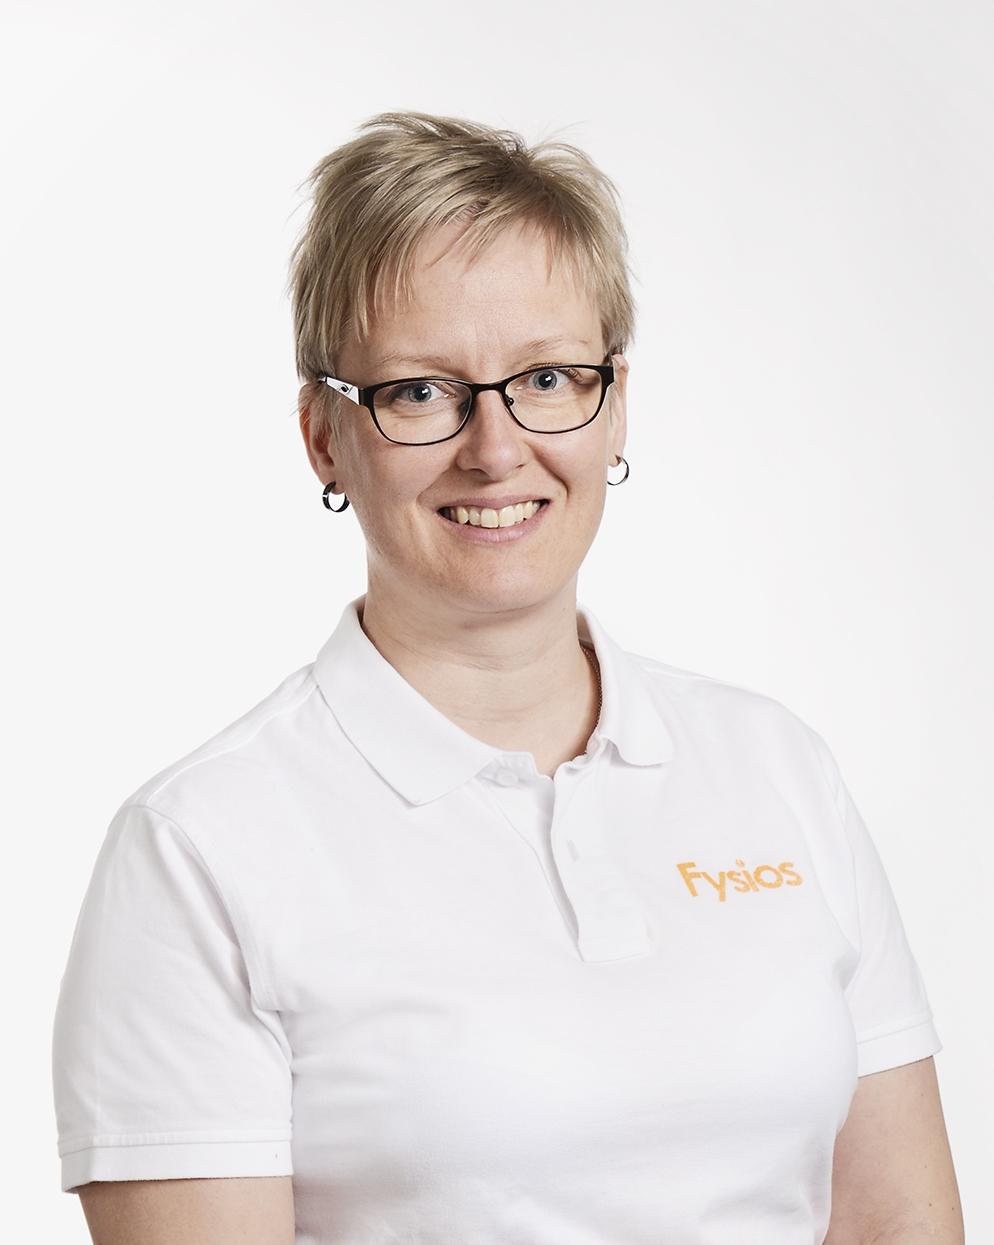 Marjaana Seppä